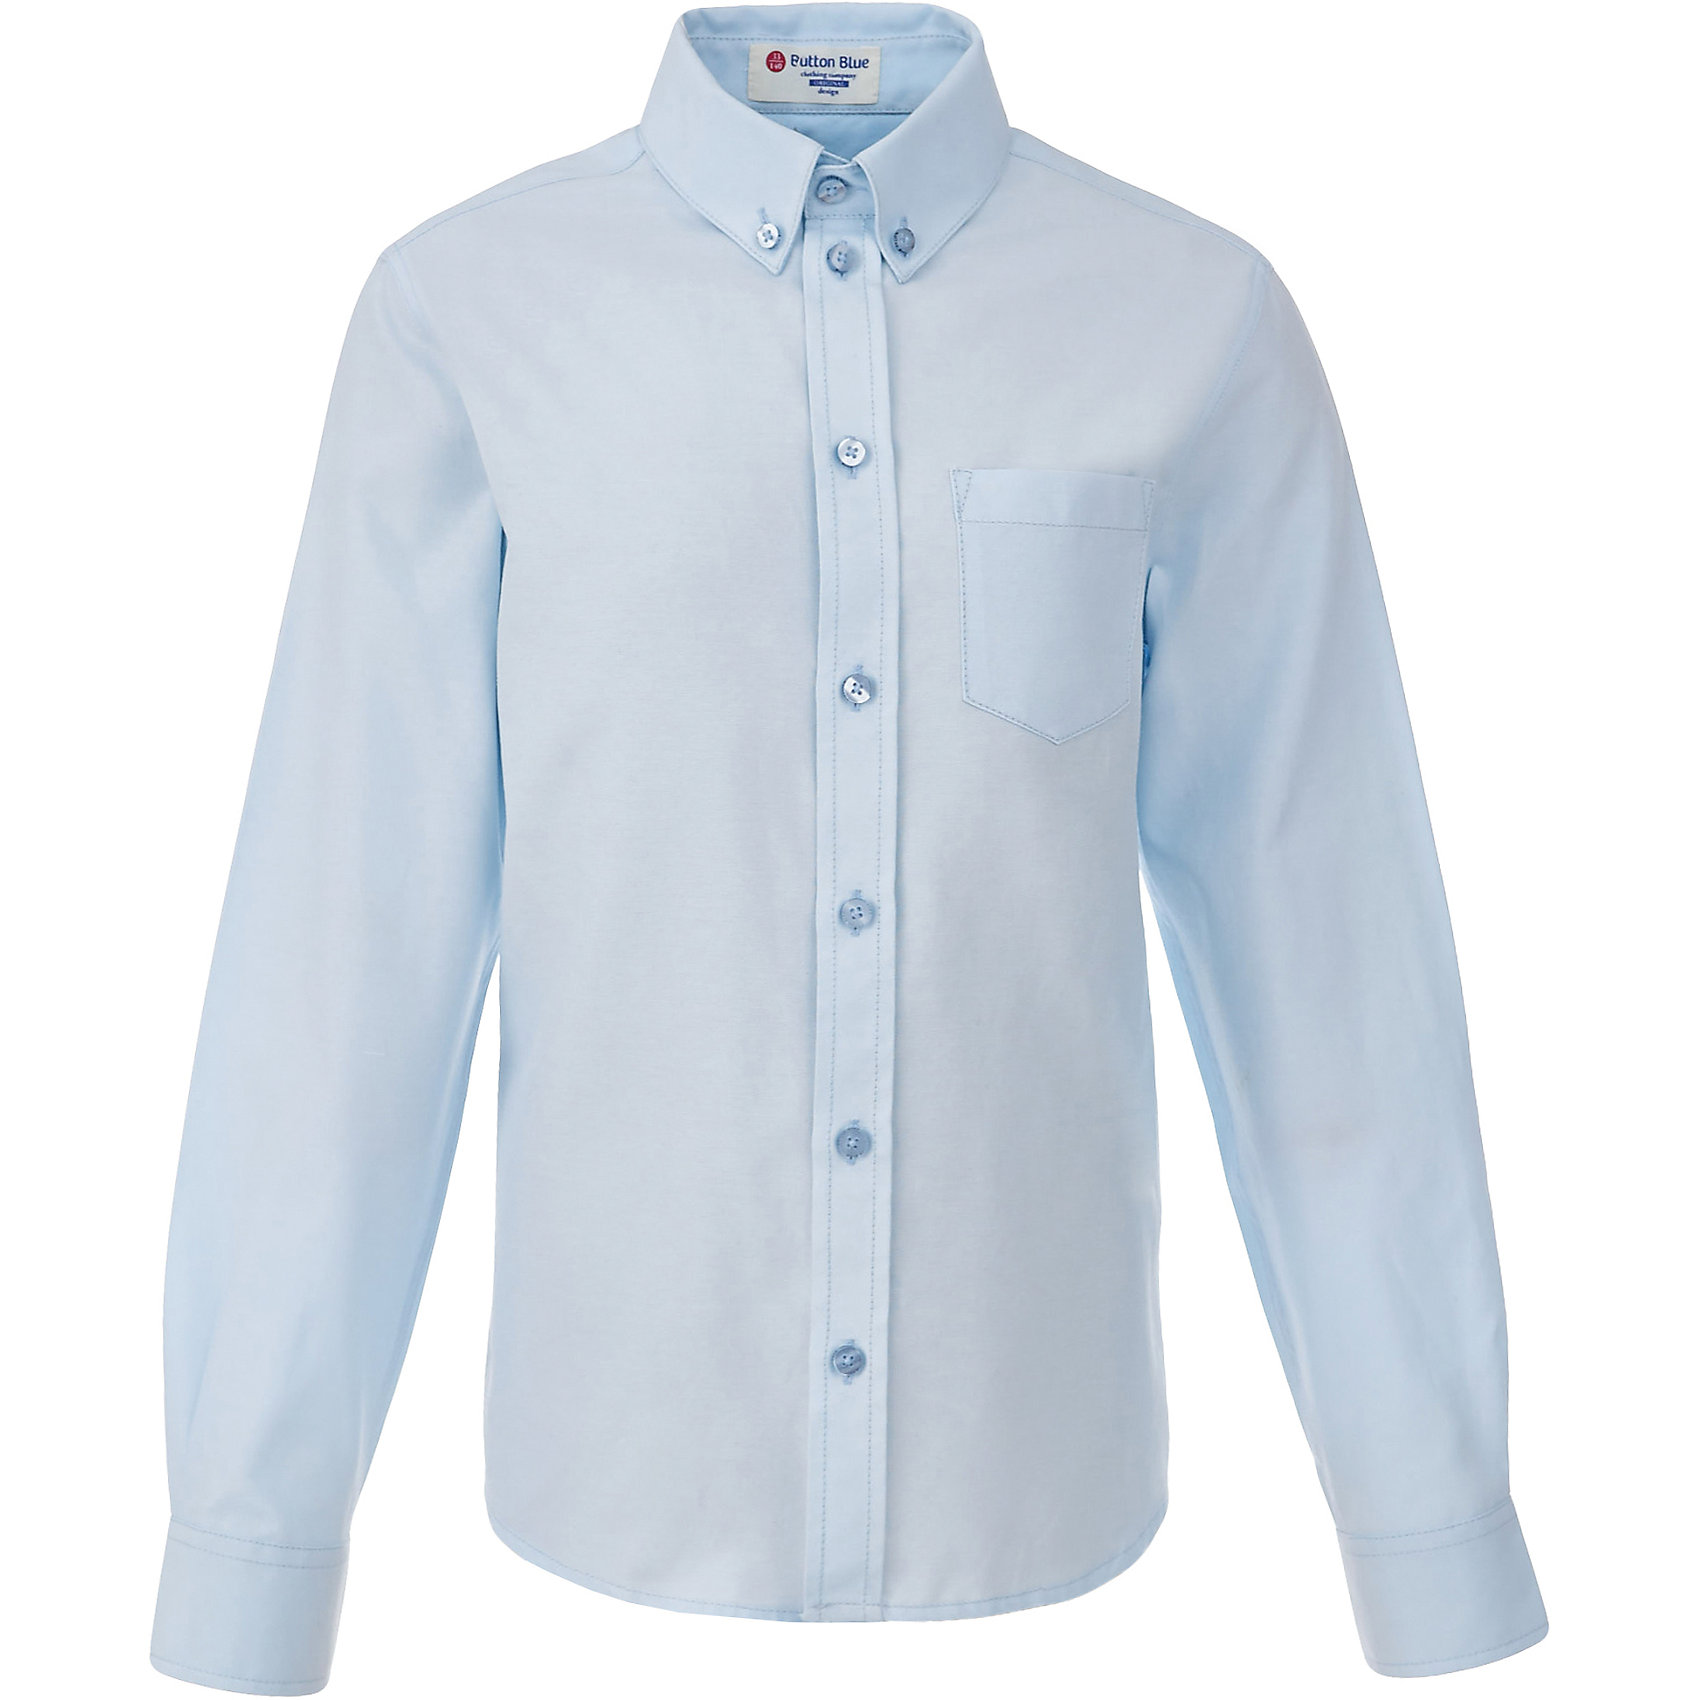 Рубашка для мальчика BUTTON BLUEБлузки и рубашки<br>Рубашка для мальчика BUTTON BLUE<br>Рубашка для мальчика - основа повседневного школьного образа! Школьные рубашки от Button Blue - это качество и комфорт, отличный внешний вид, удобство в уходе, высокая износостойкость. Какая детская рубашка для школы займет место в гардеробе вашего ребенка - зависит только от вас! Готовясь к школьному сезону, вам стоит купить рубашки в трех-четырех цветах, чтобы разнообразить будни ученика.<br>Состав:<br>60% хлопок                40% полиэстер<br><br>Ширина мм: 174<br>Глубина мм: 10<br>Высота мм: 169<br>Вес г: 157<br>Цвет: голубой<br>Возраст от месяцев: 156<br>Возраст до месяцев: 168<br>Пол: Мужской<br>Возраст: Детский<br>Размер: 164,122,128,134,140,146,152,158<br>SKU: 6739162